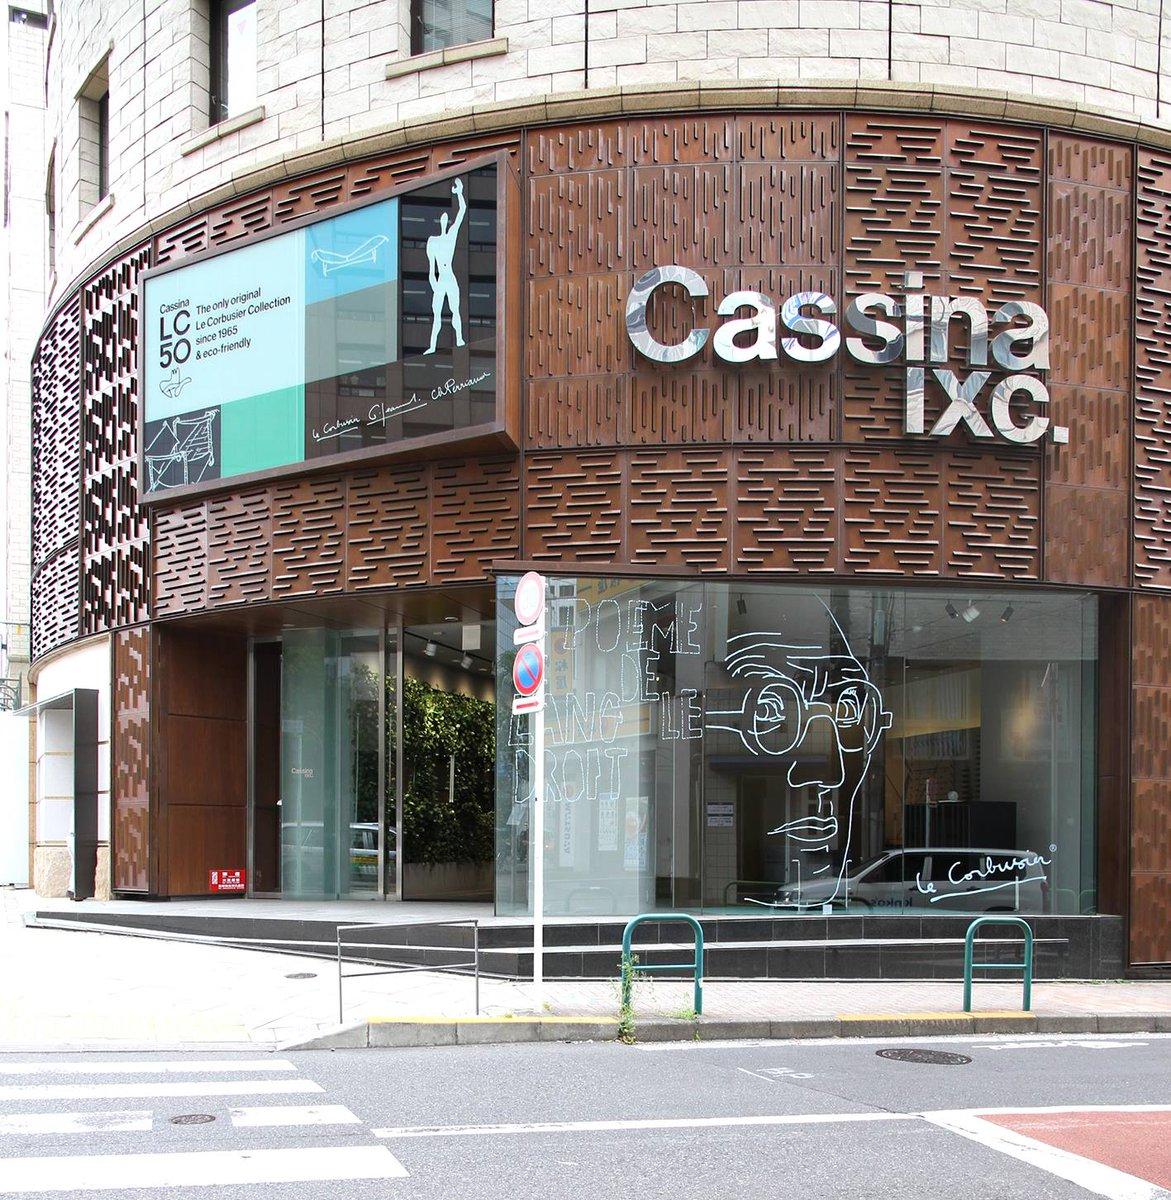 カッシーナ・イクスシー青山本店では、LCコレクション50周年を記念した特別展示「LC50」を開催しております。  http://t.co/12HdFPkp4V http://t.co/DoOTdtSsMy